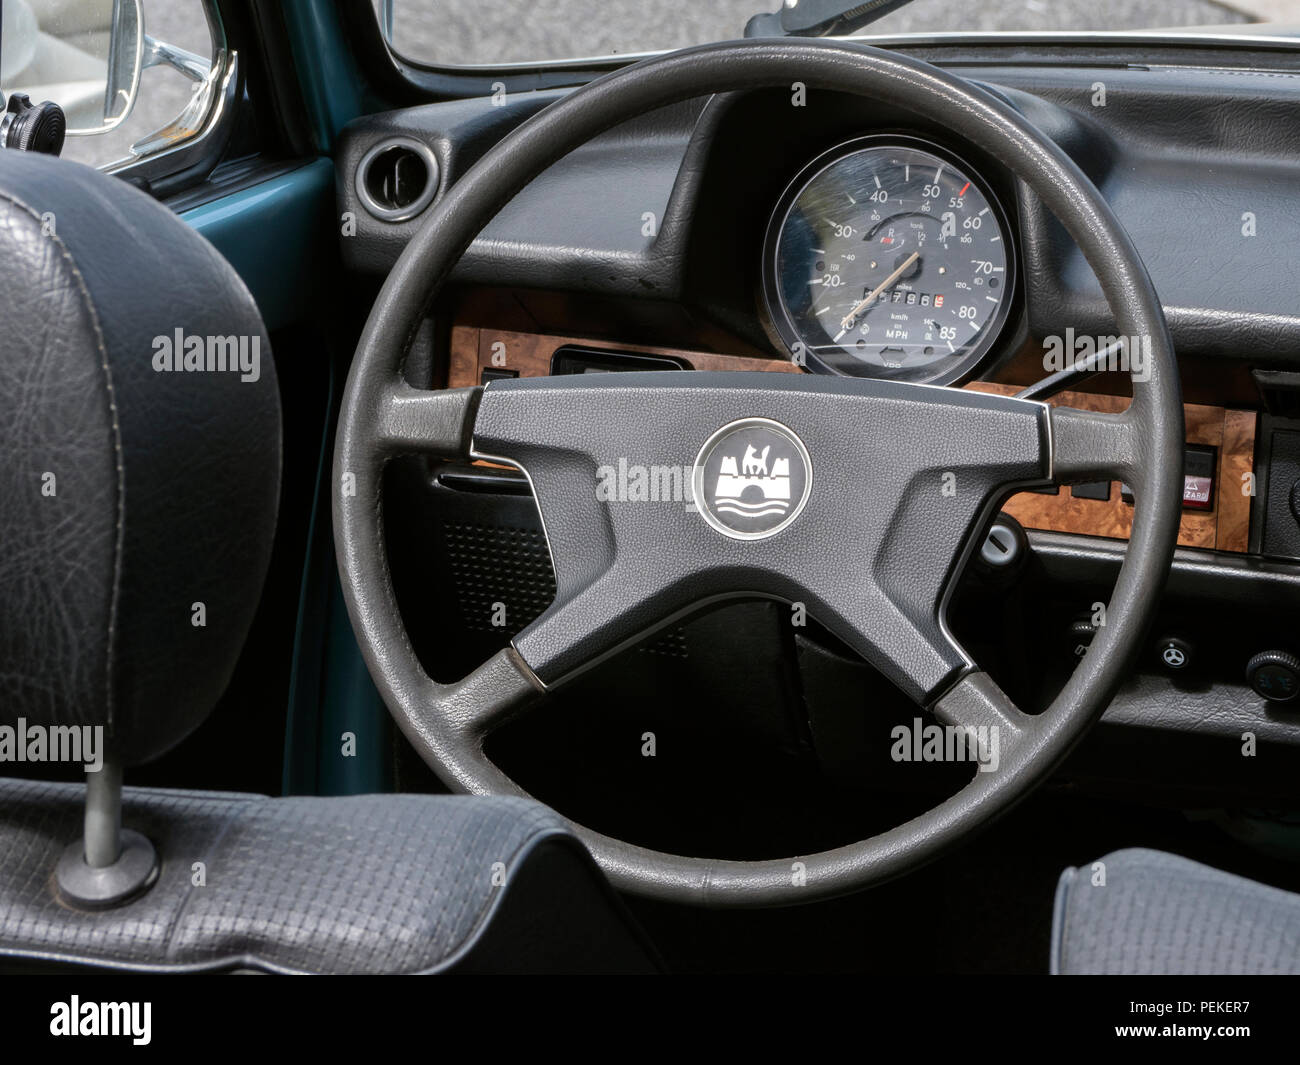 1979 VW Beetle convertible - Stock Image